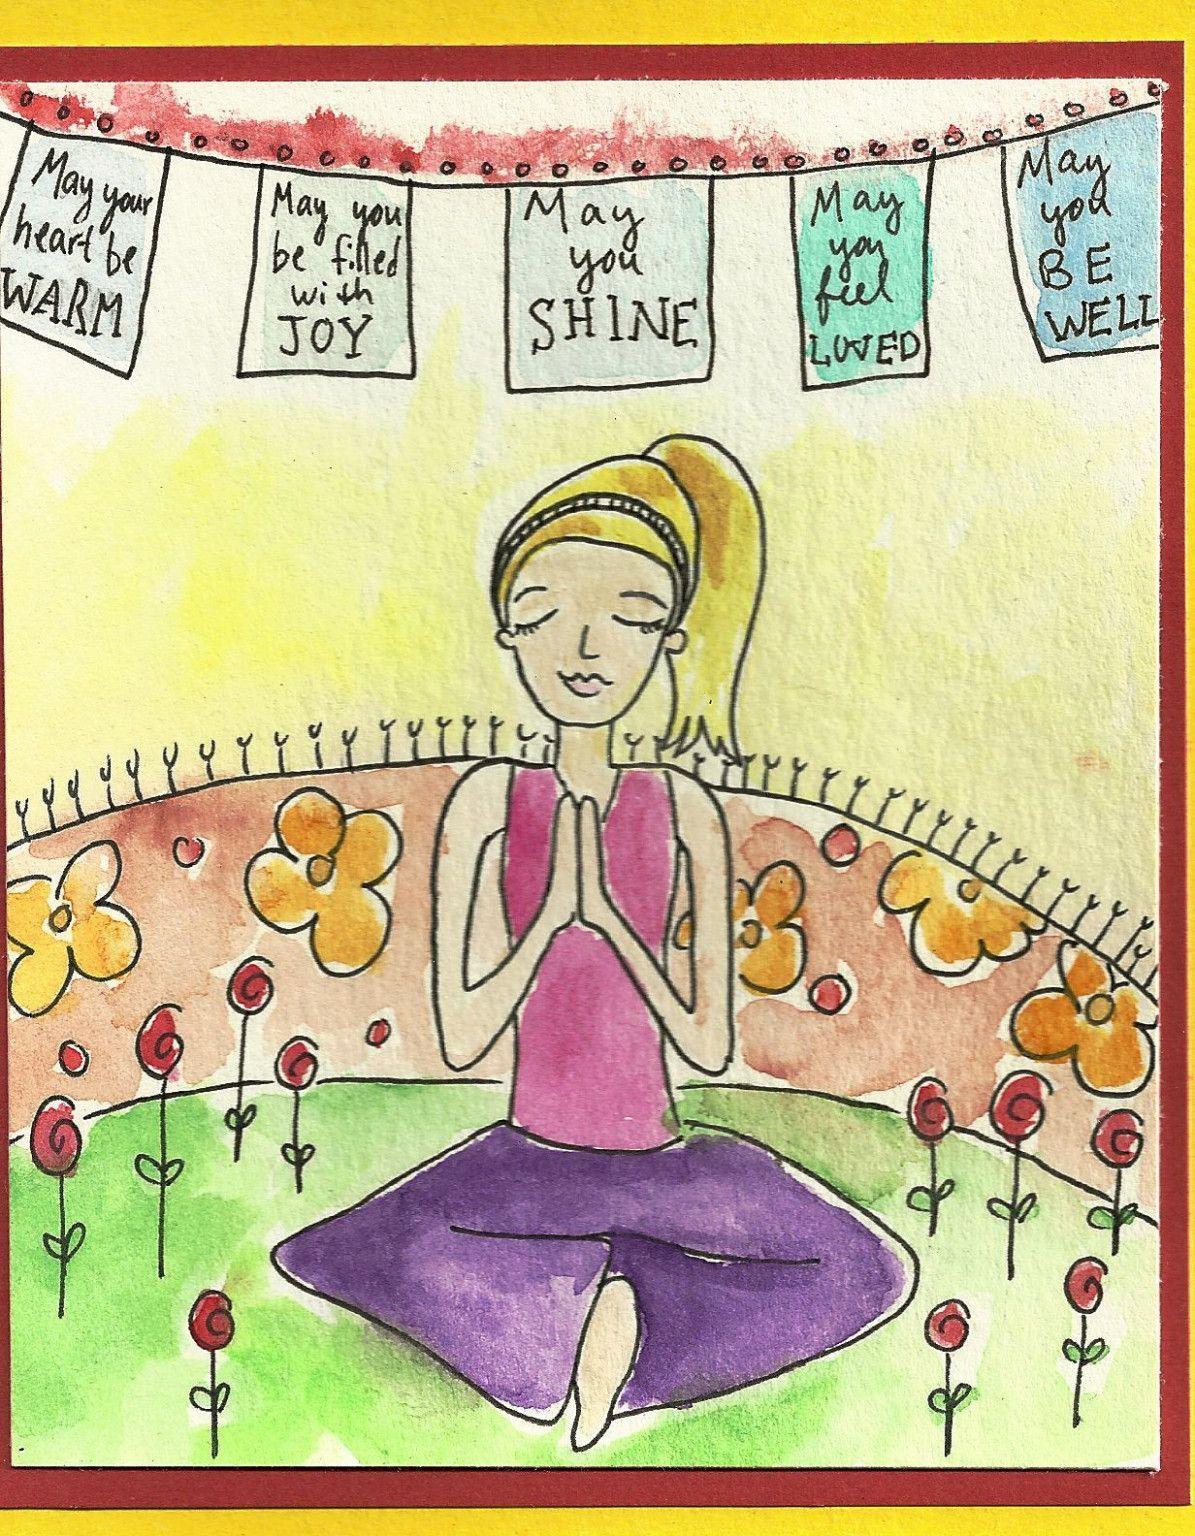 11 Custom Yoga Happy Birthday Card Alles Gute Zum Geburtstag Karten Geburtstag Wunsche Herzliche Geburtstagswunsche